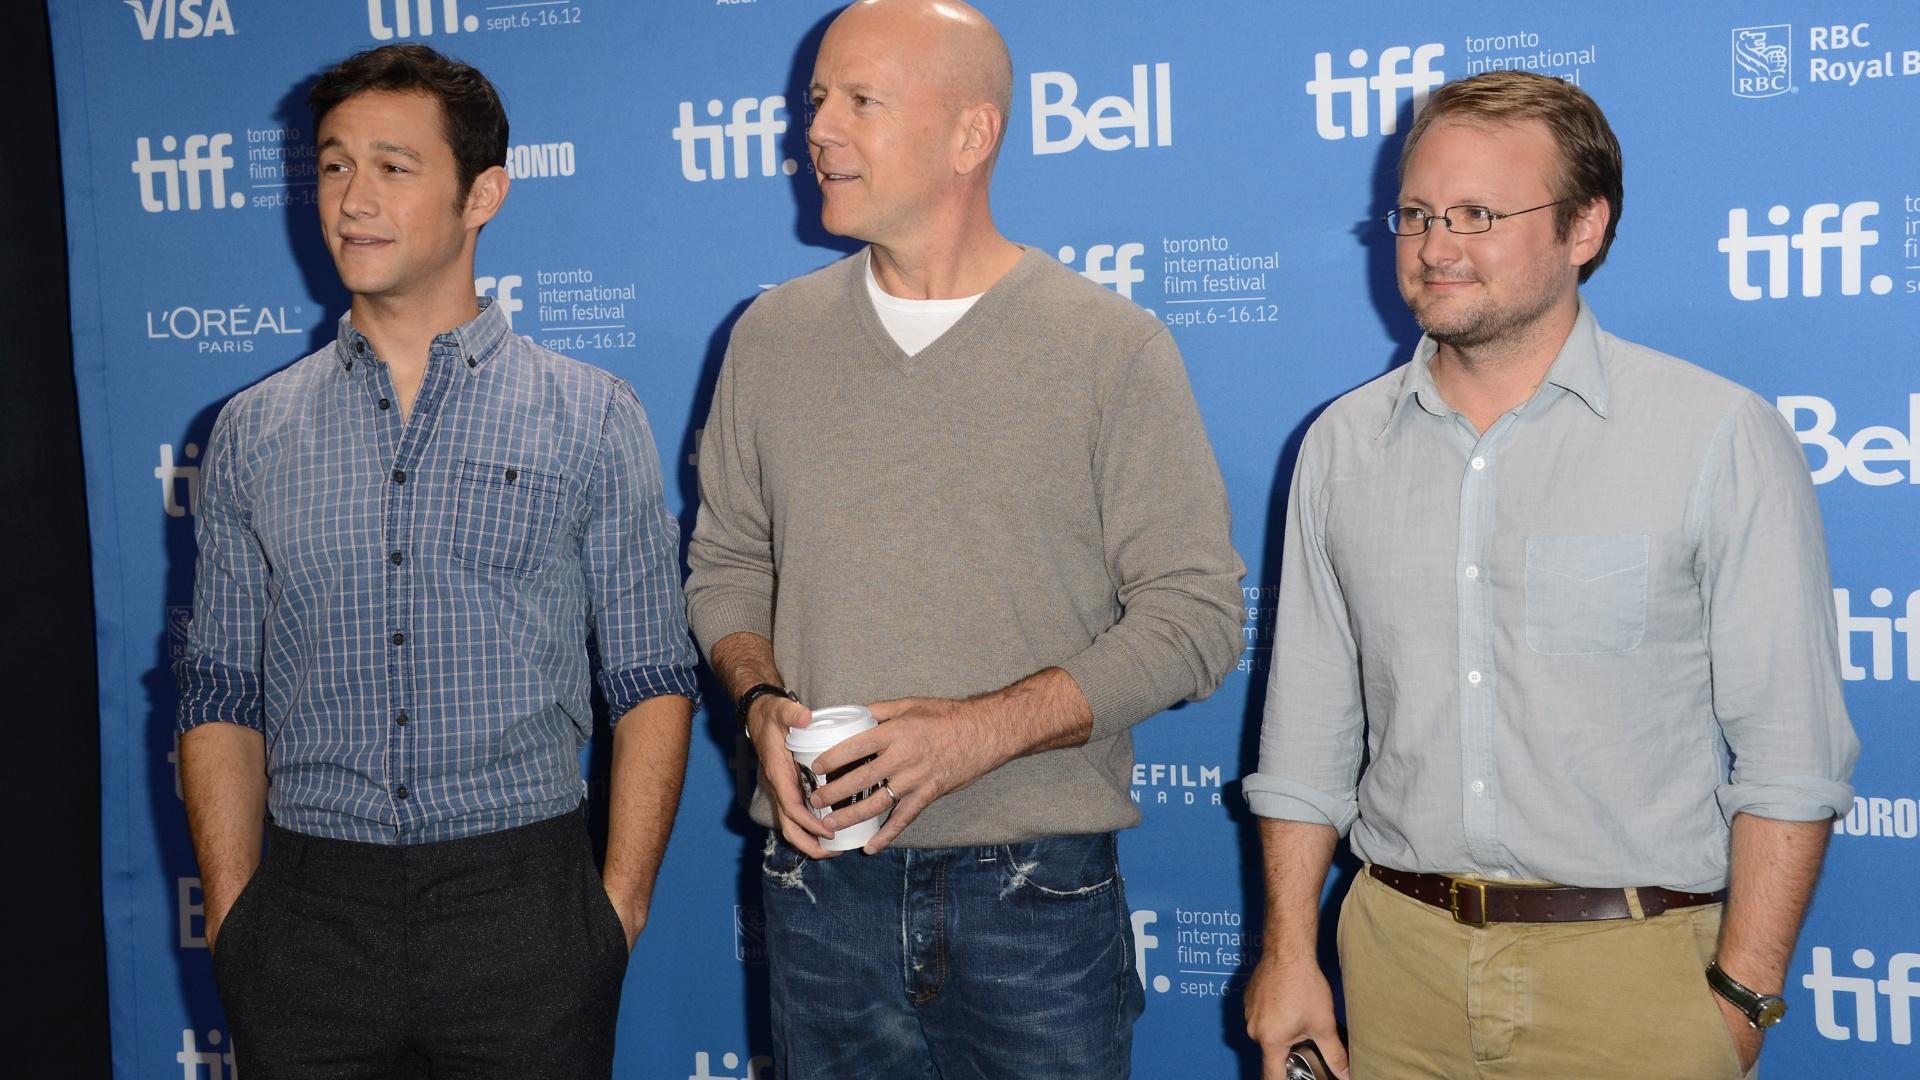 Da esquerda para a direita: os atores Joseph Gordon-Levitt, Bruce Willis e o diretor Rian Johnson dão entrevistas sobre o filme